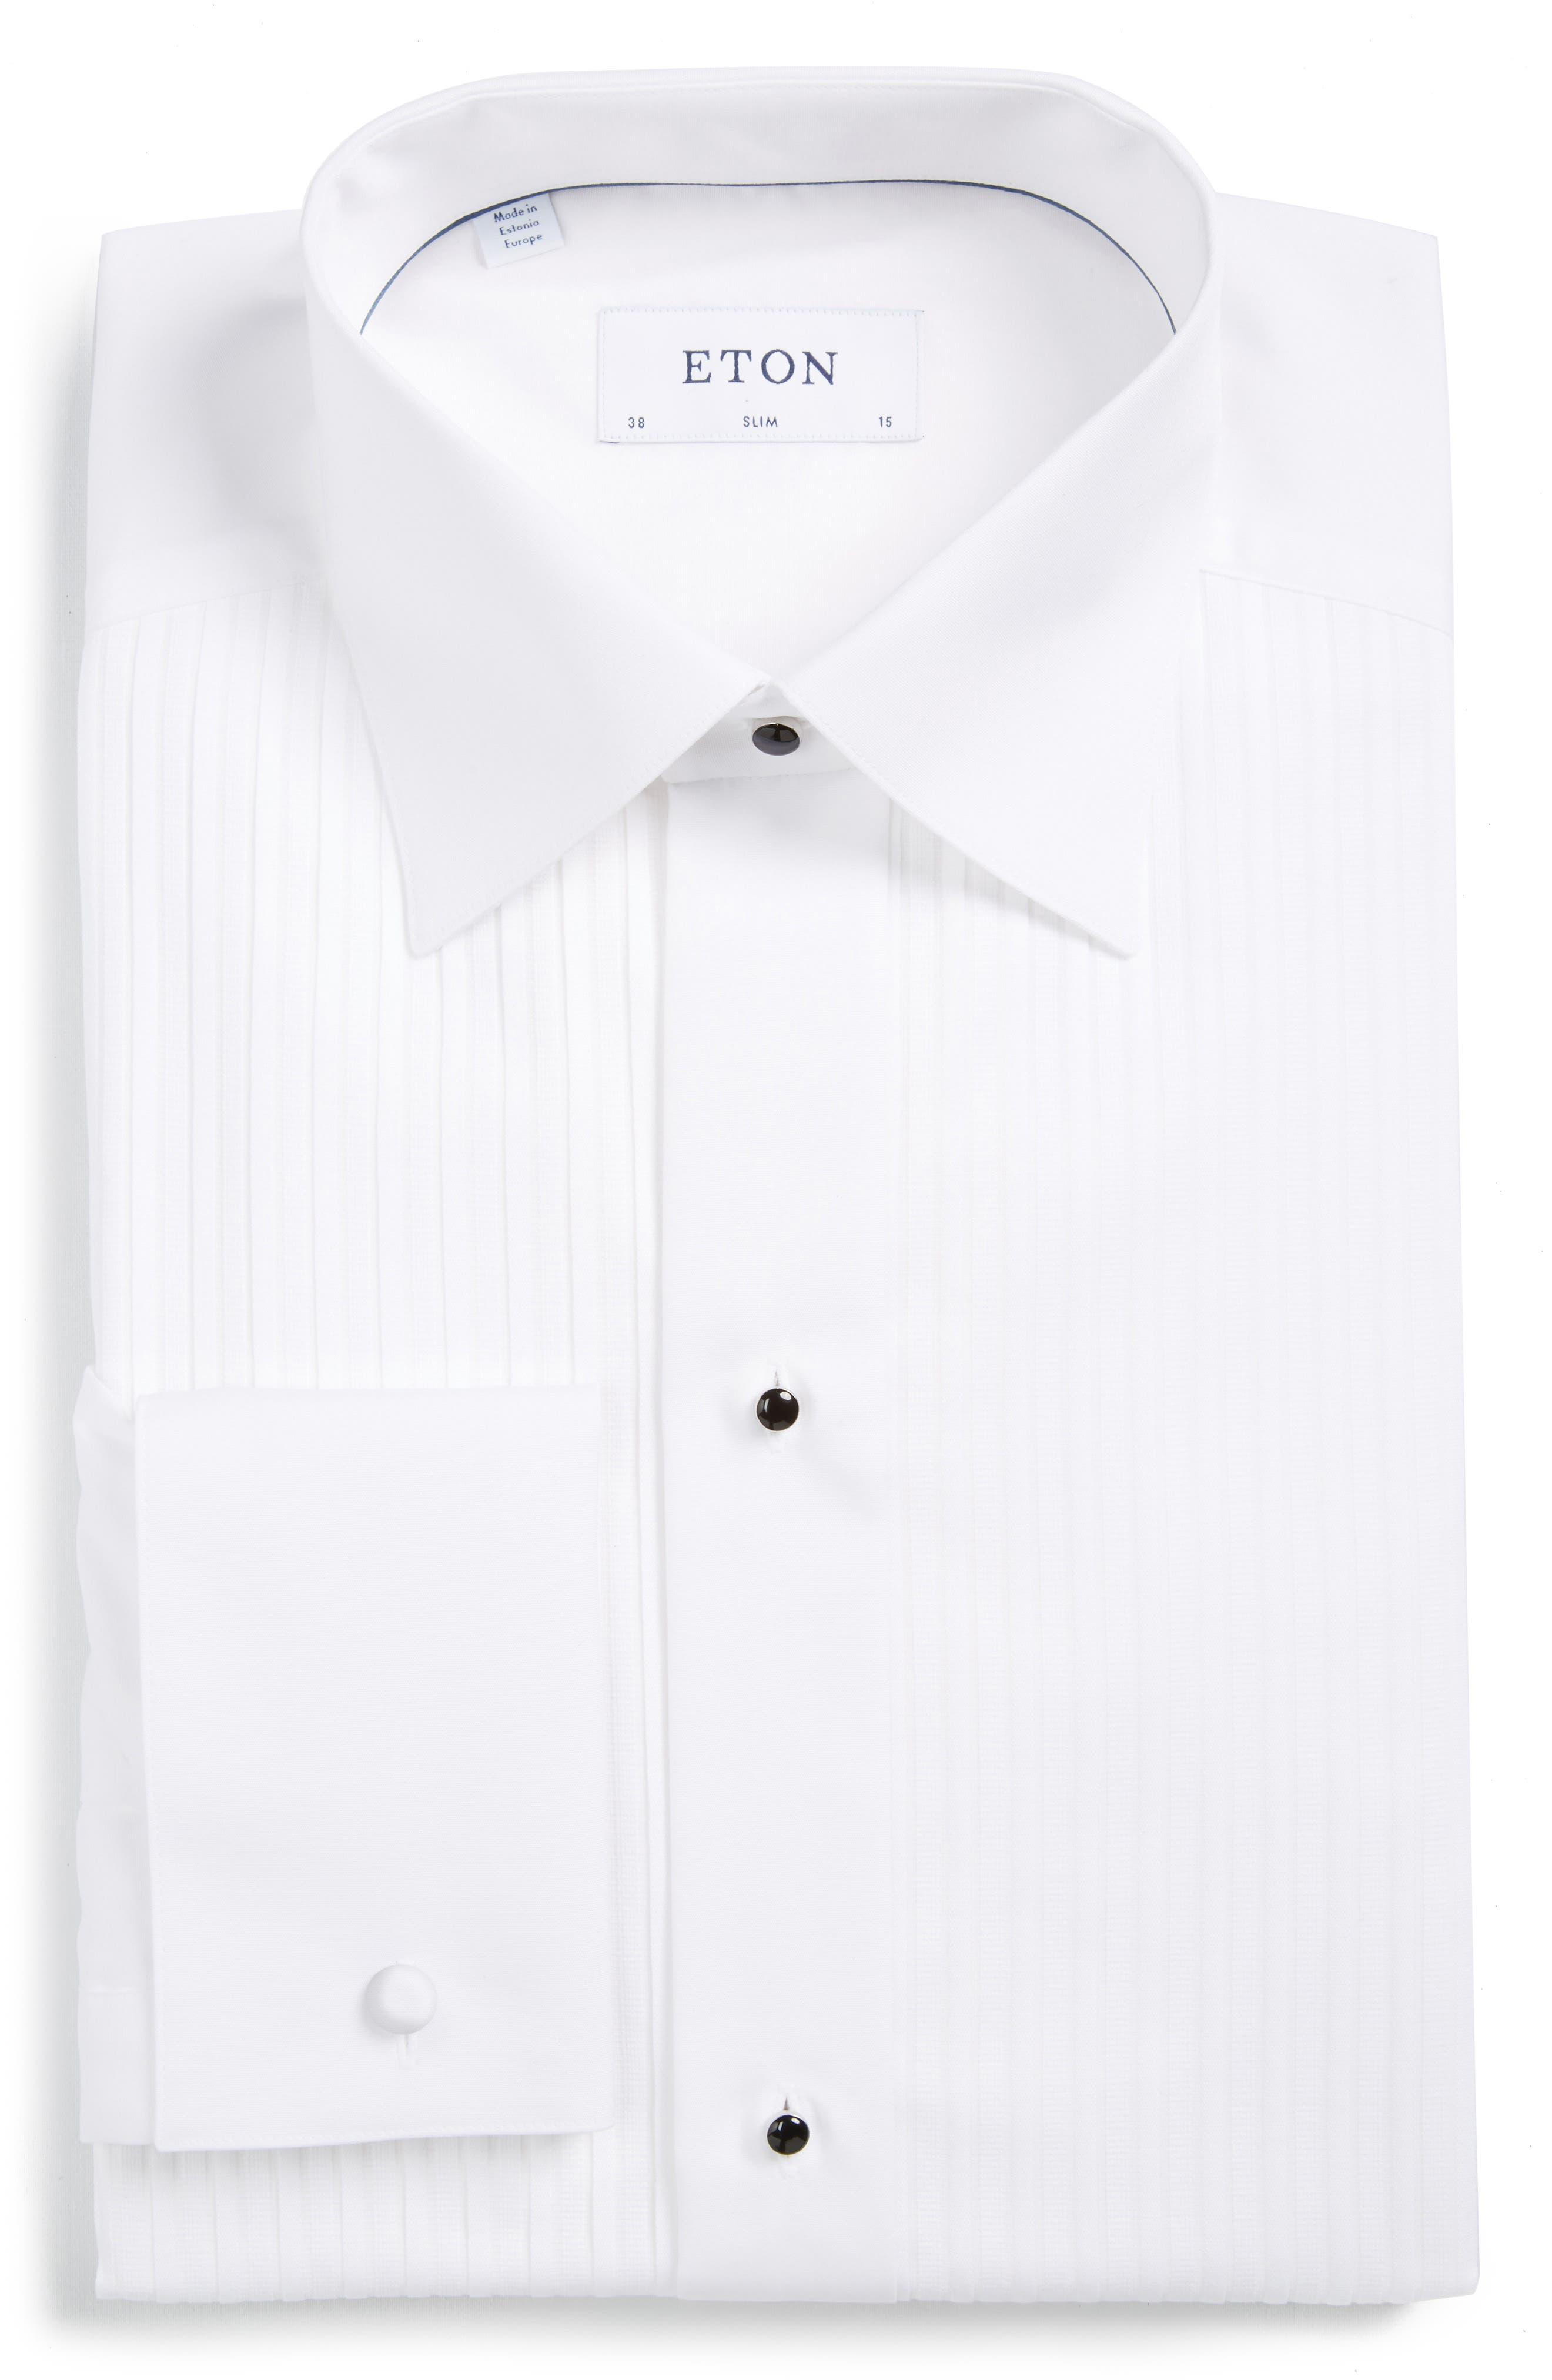 ETON, Slim Fit Pleated Bib Tuxedo Shirt, Main thumbnail 1, color, WHITE